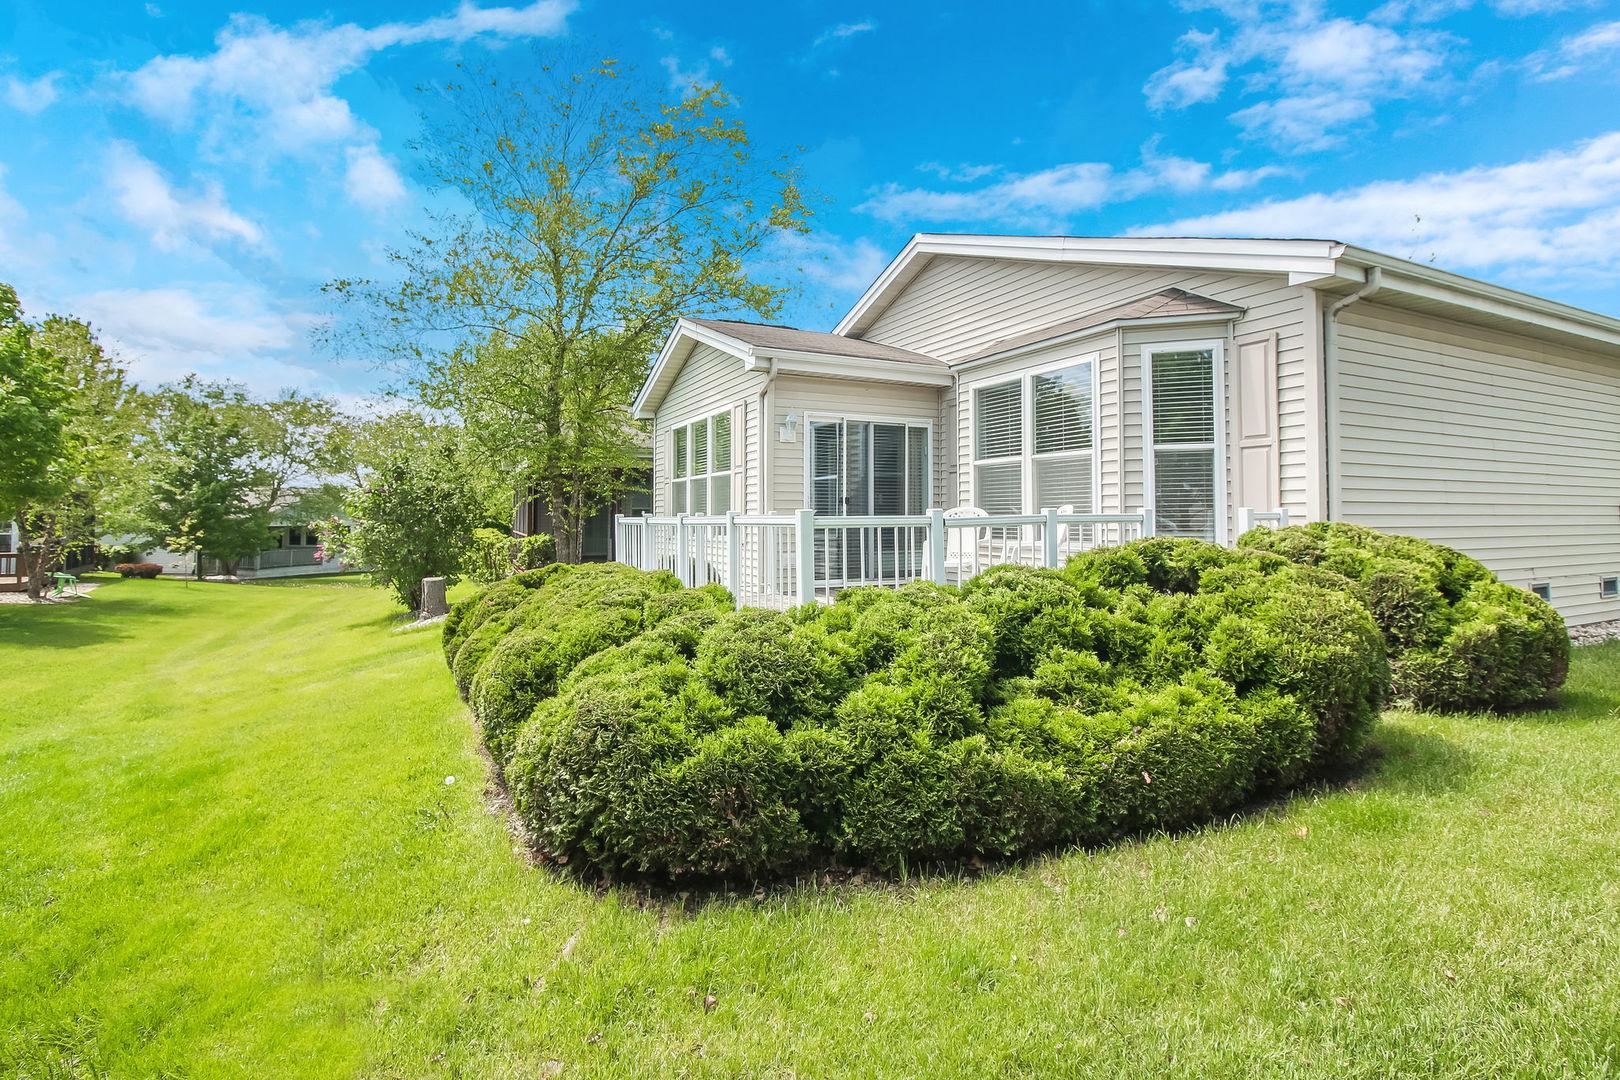 3223 Harness, Grayslake, Illinois, 60030